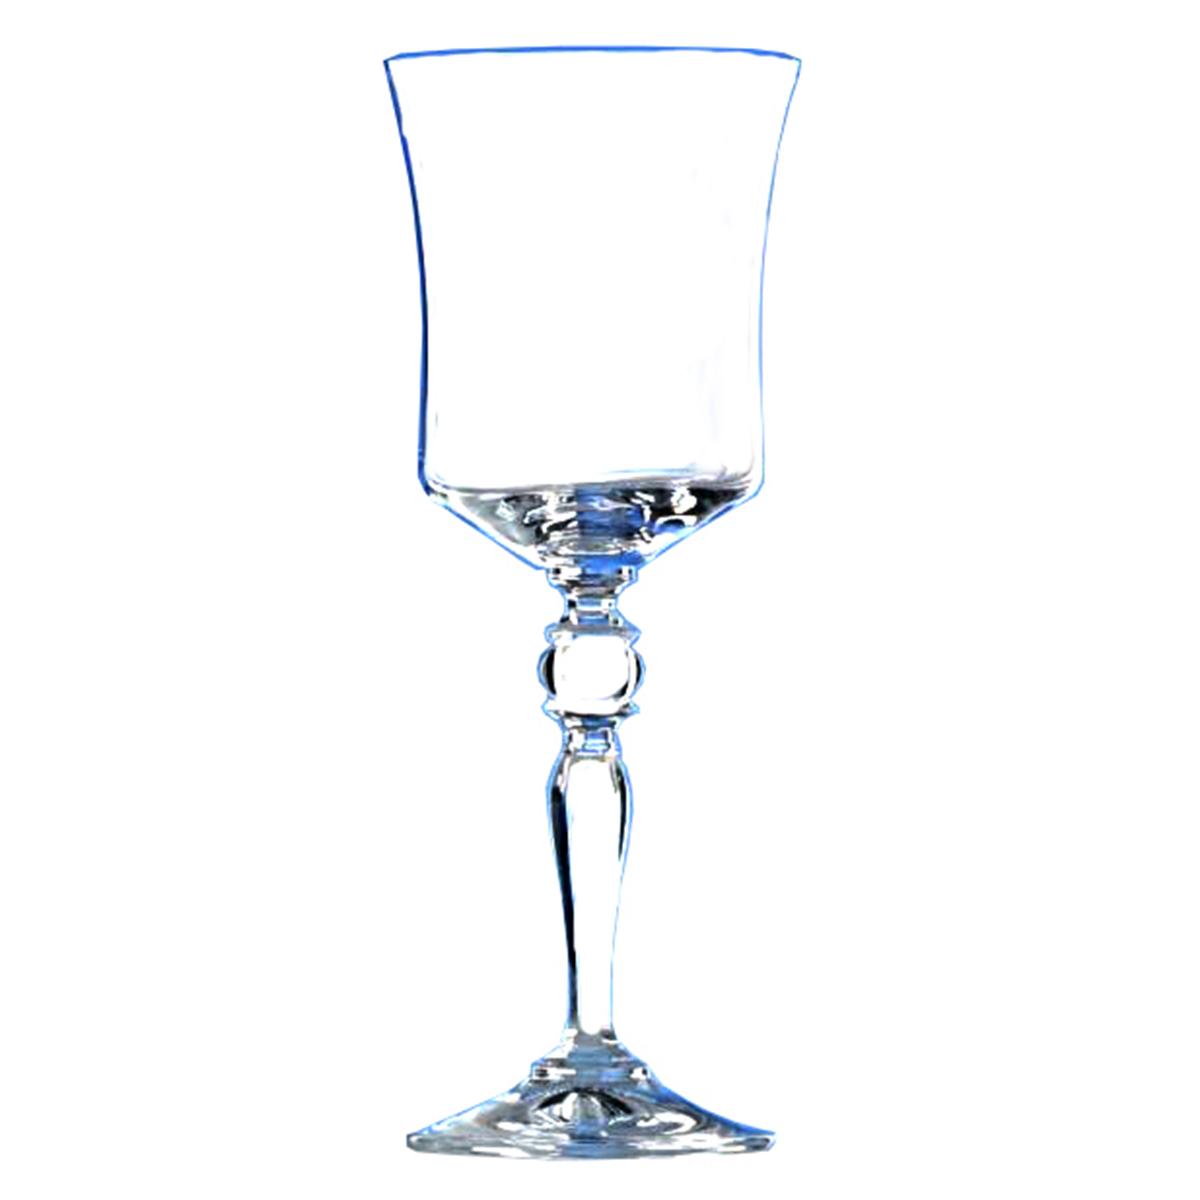 Набор бокалов для вина Bohemia Crystal Грация, 185 мл, 6 шт40792/185Бокалы для вина Bohemia Crystal коллекции Грация украсят праздничный стол и создадут приятную атмосферу праздника. Они обладают привлекательным внешним видом, а материалом их изготовления является высококачественное хрустальное стекло. Кроме того, данный набор отлично подойдет в качестве оригинального подарка вашим родным и близким. Объем составляет 185 мл. Количество в упаковке 6 шт.